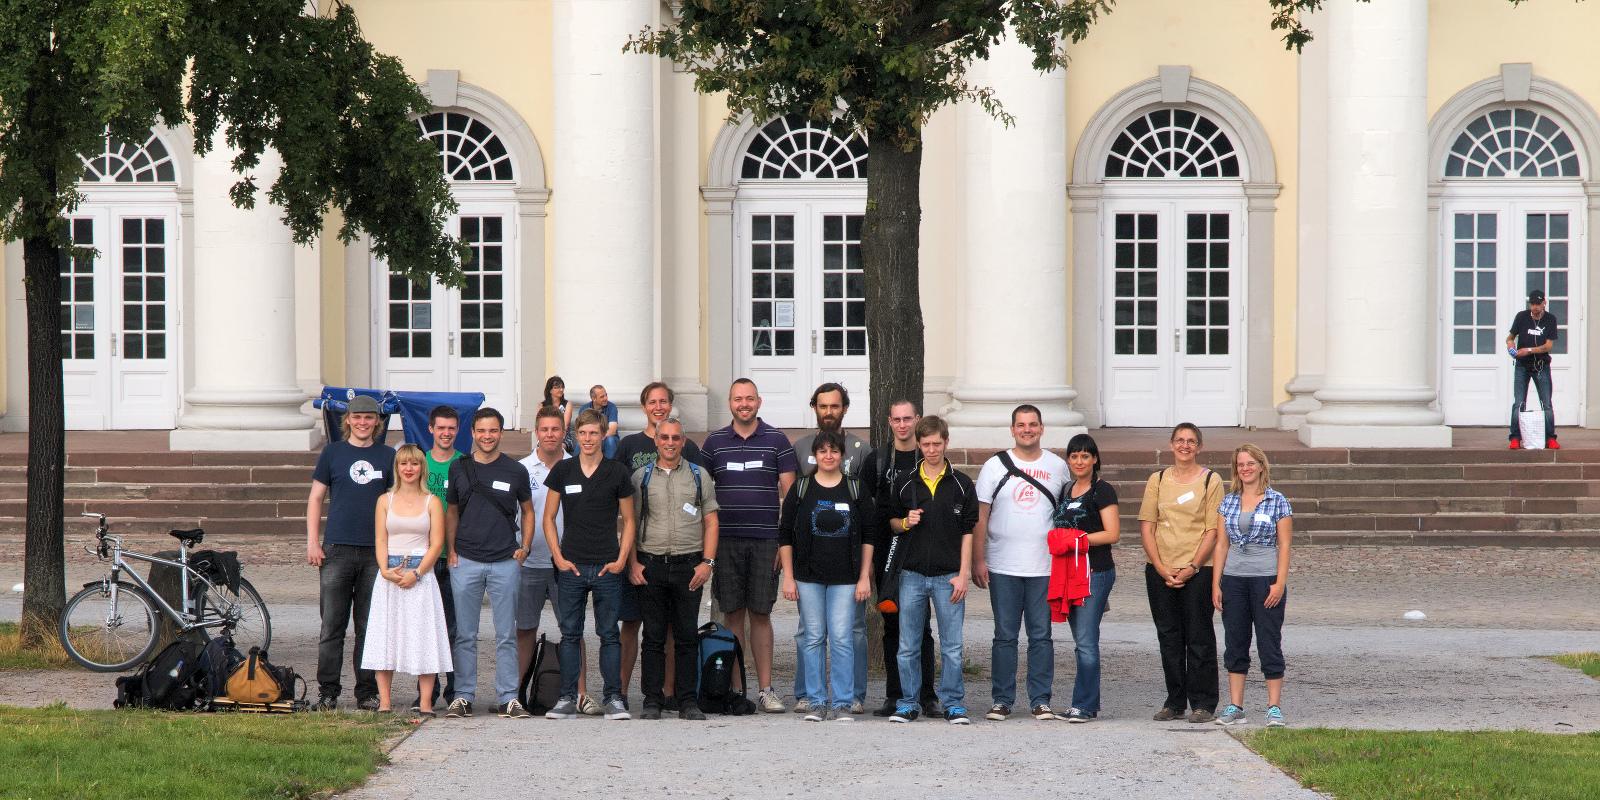 Kassel devMeet Groupphoto